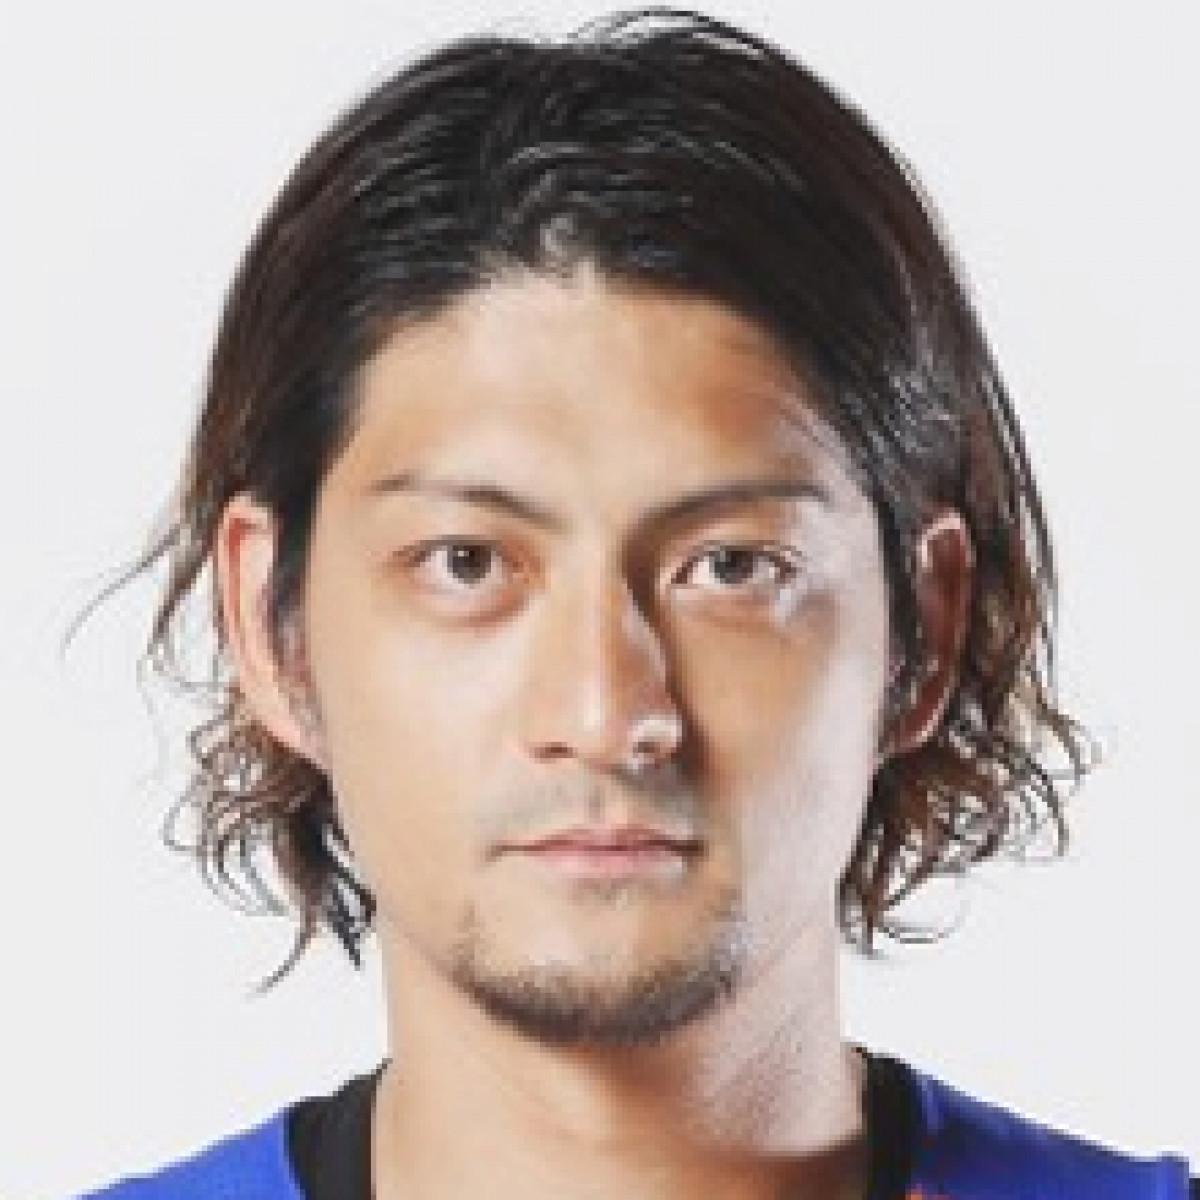 Kimitake Sato